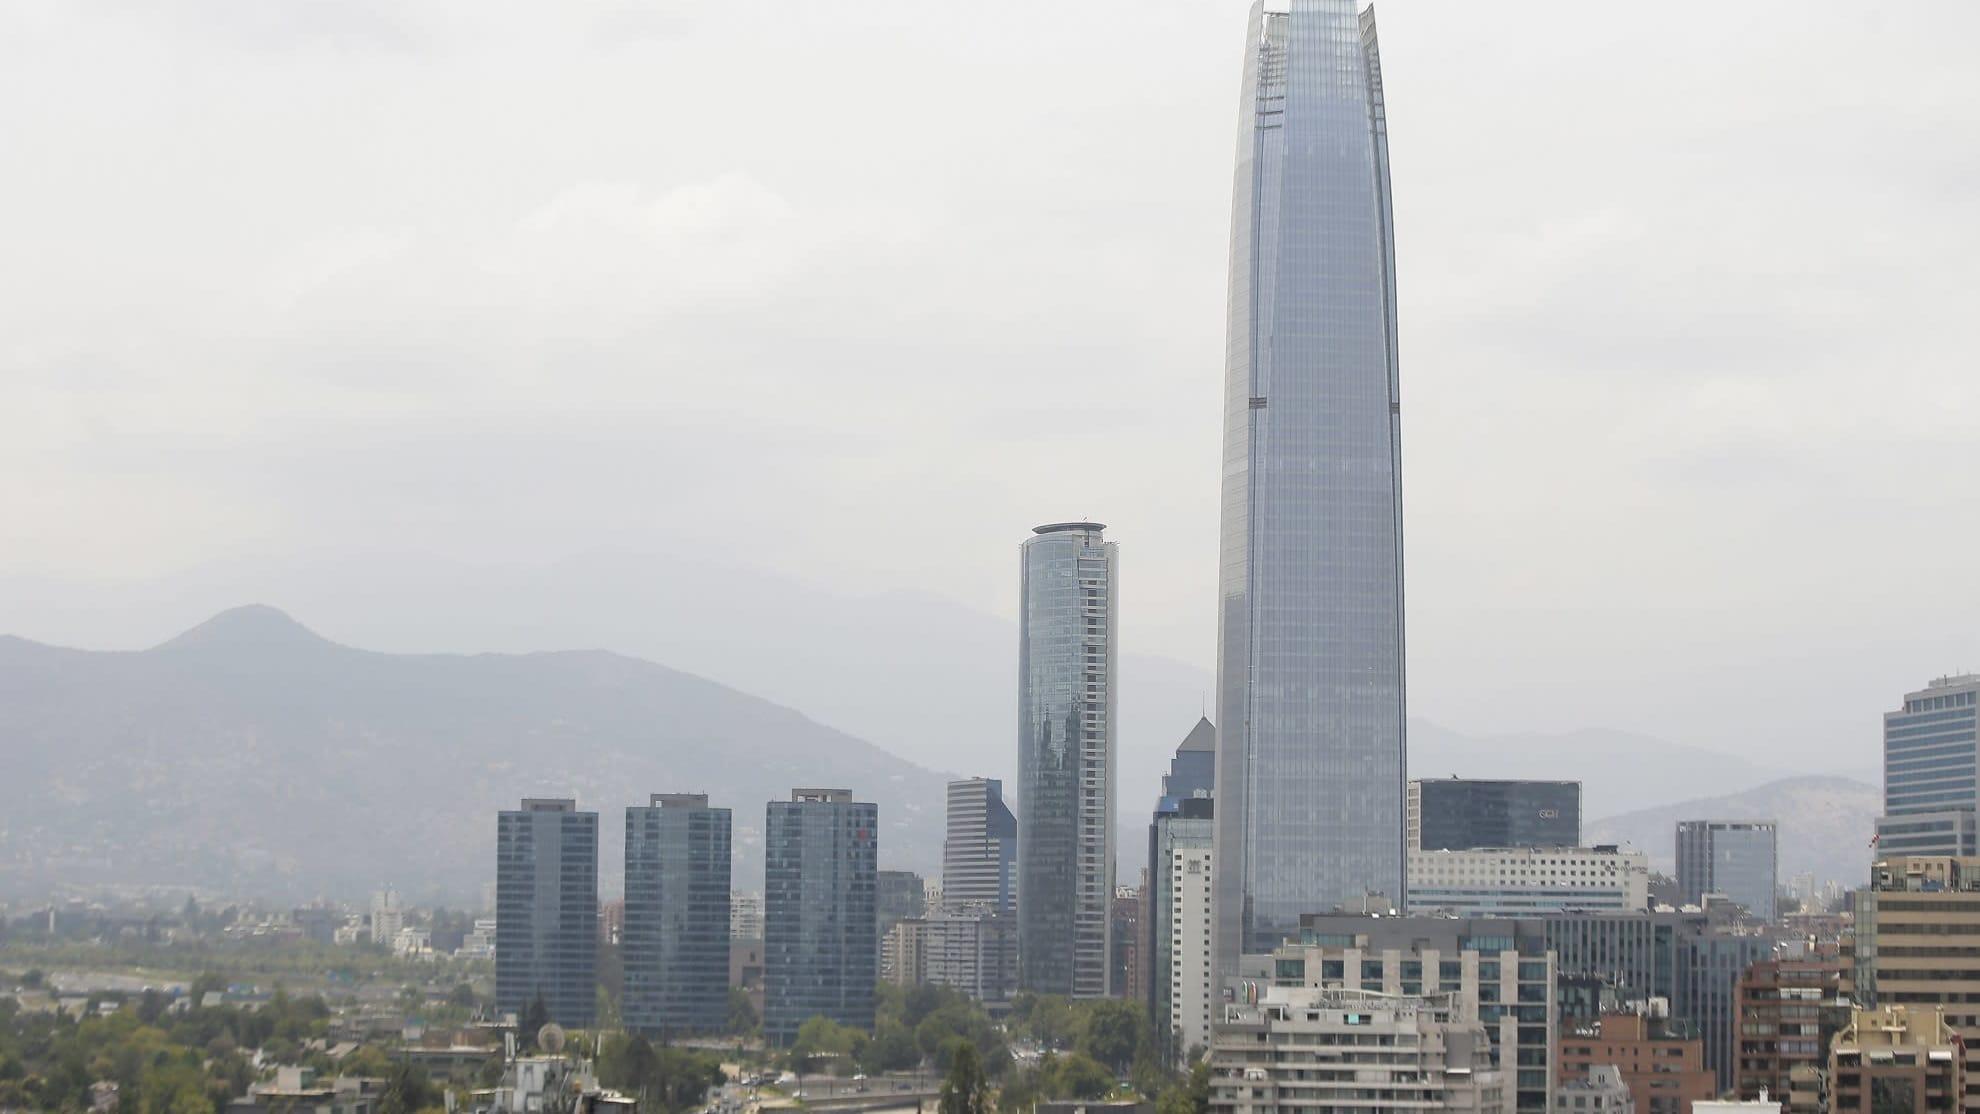 Yleisnäkymä Santiagon kaupungista Chilessä tammikuun 6. päivä 2020.